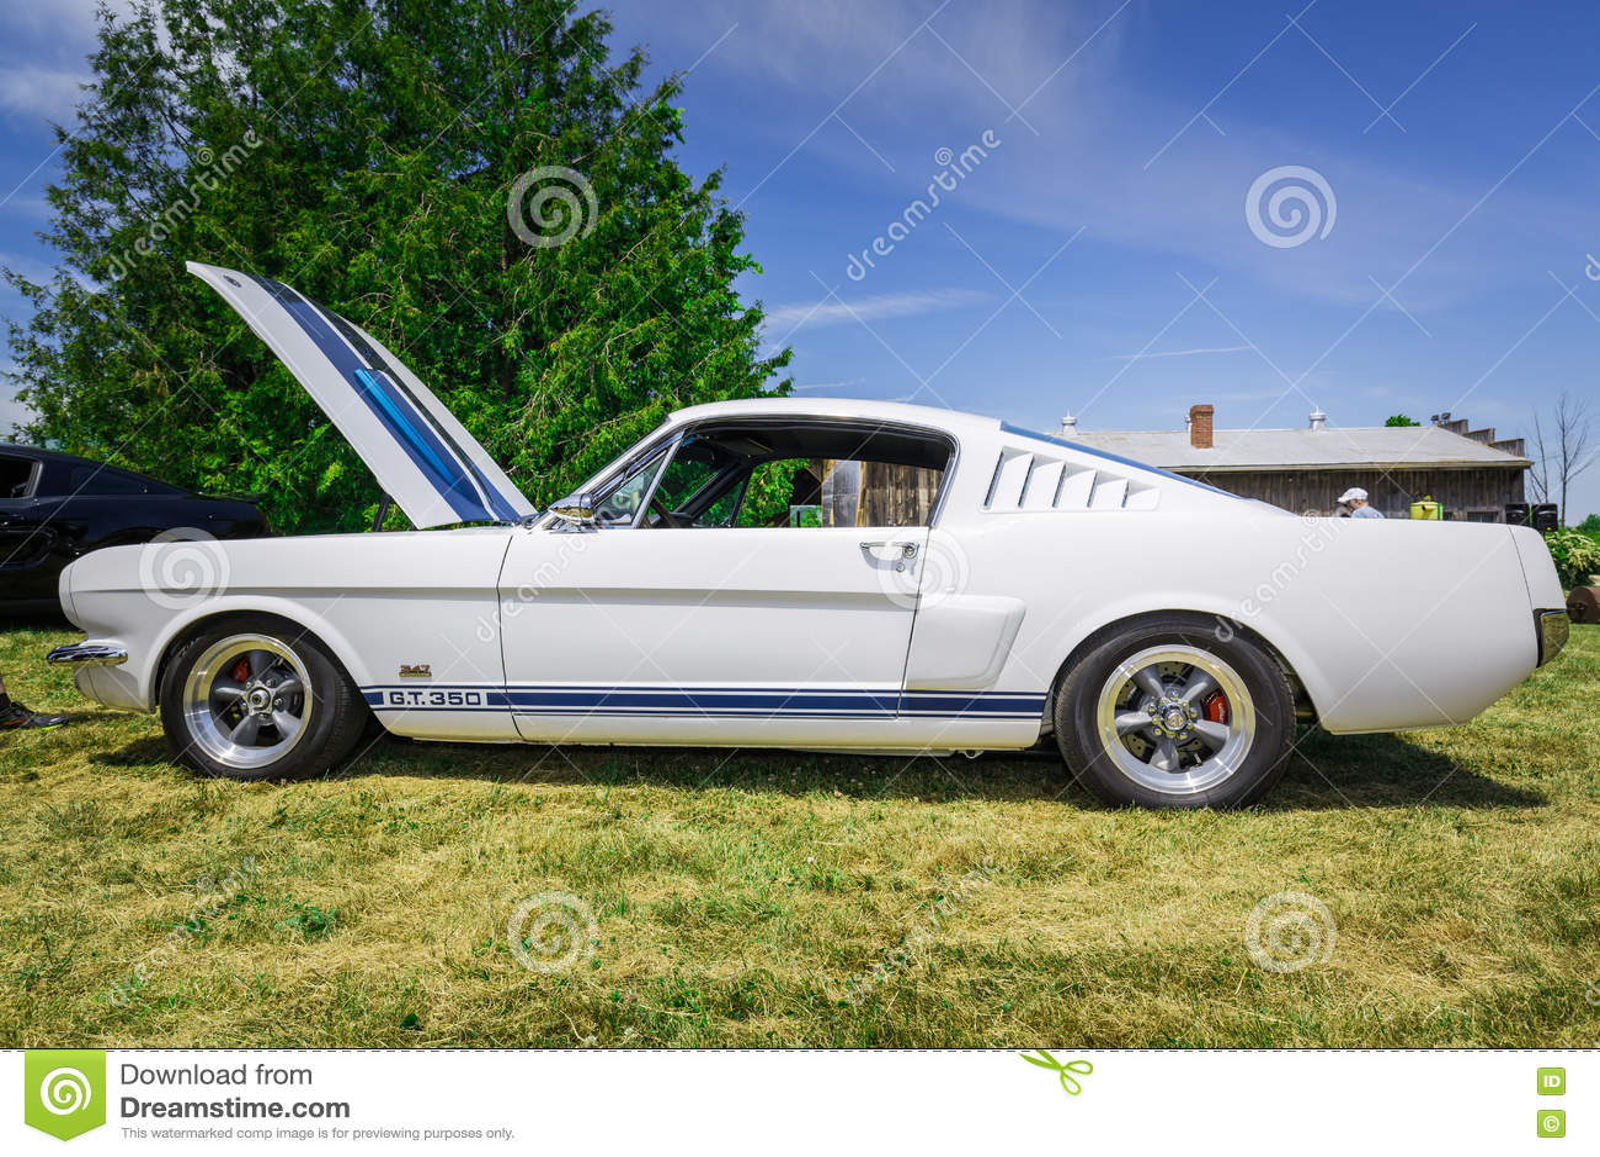 Verbazend schitterend zijaanzicht van klassieke uitstekende sportwagen met open kap